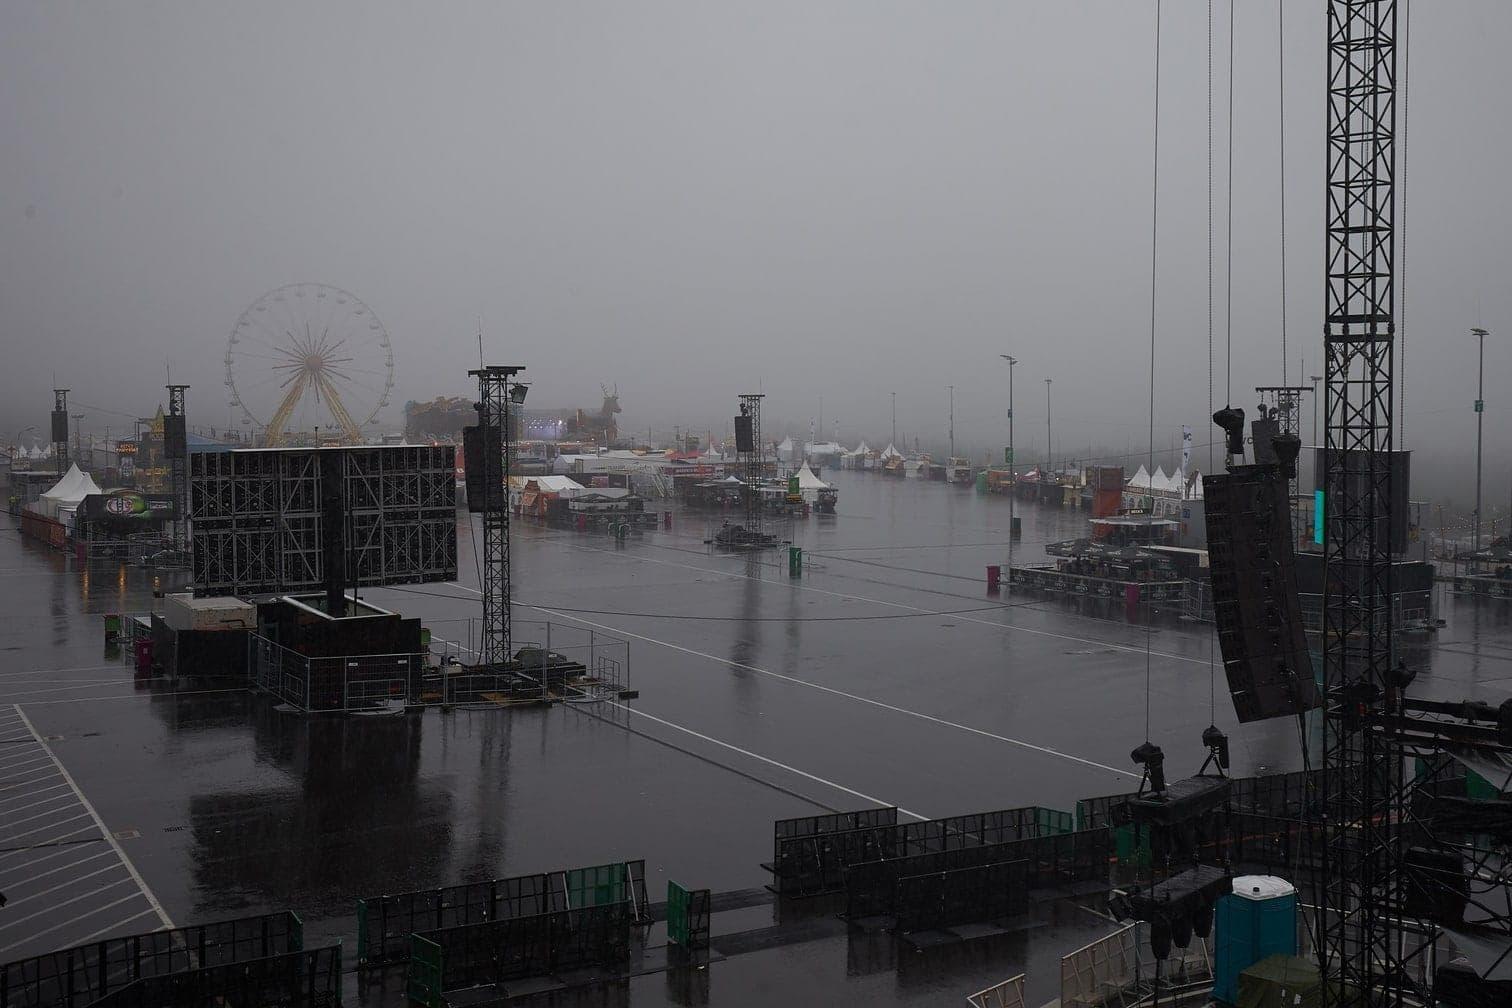 <p>Strömender Regen fällt vor Beginn des Einlasses auf das Gelände des Musikfestivals Rock am Ring. Rund 80 Bands treten am Nürburgring auf drei Bühnen auf.</p> Foto: dpa